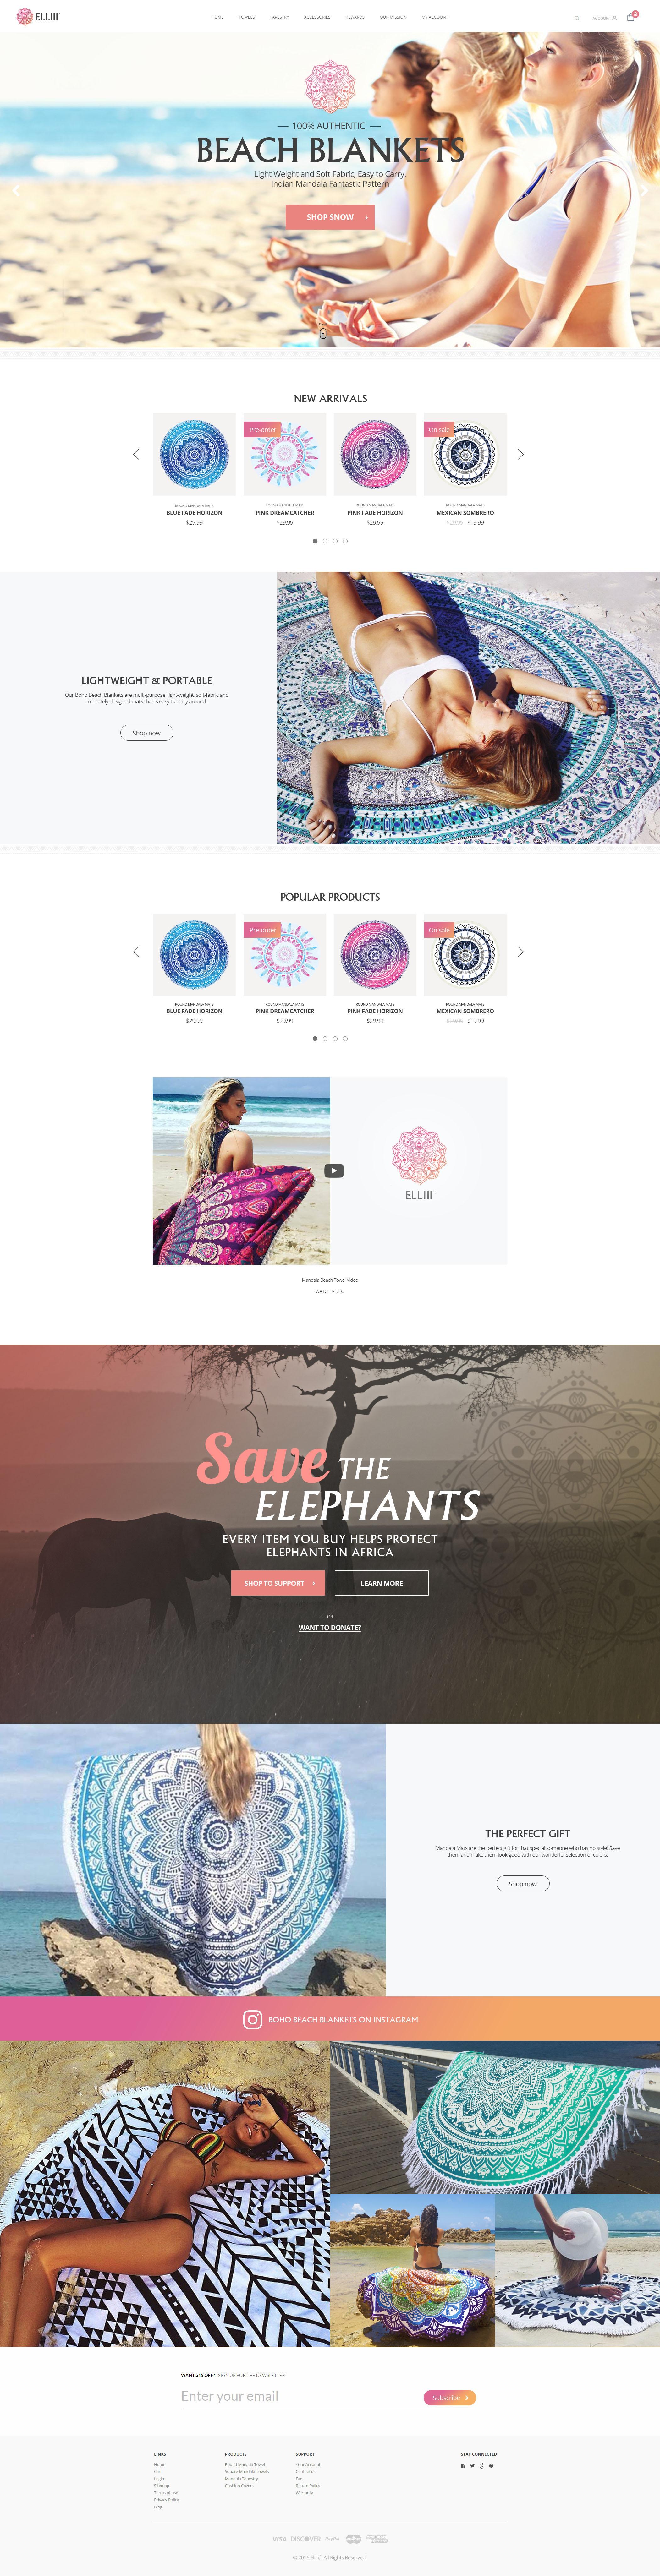 Elliii Homepage